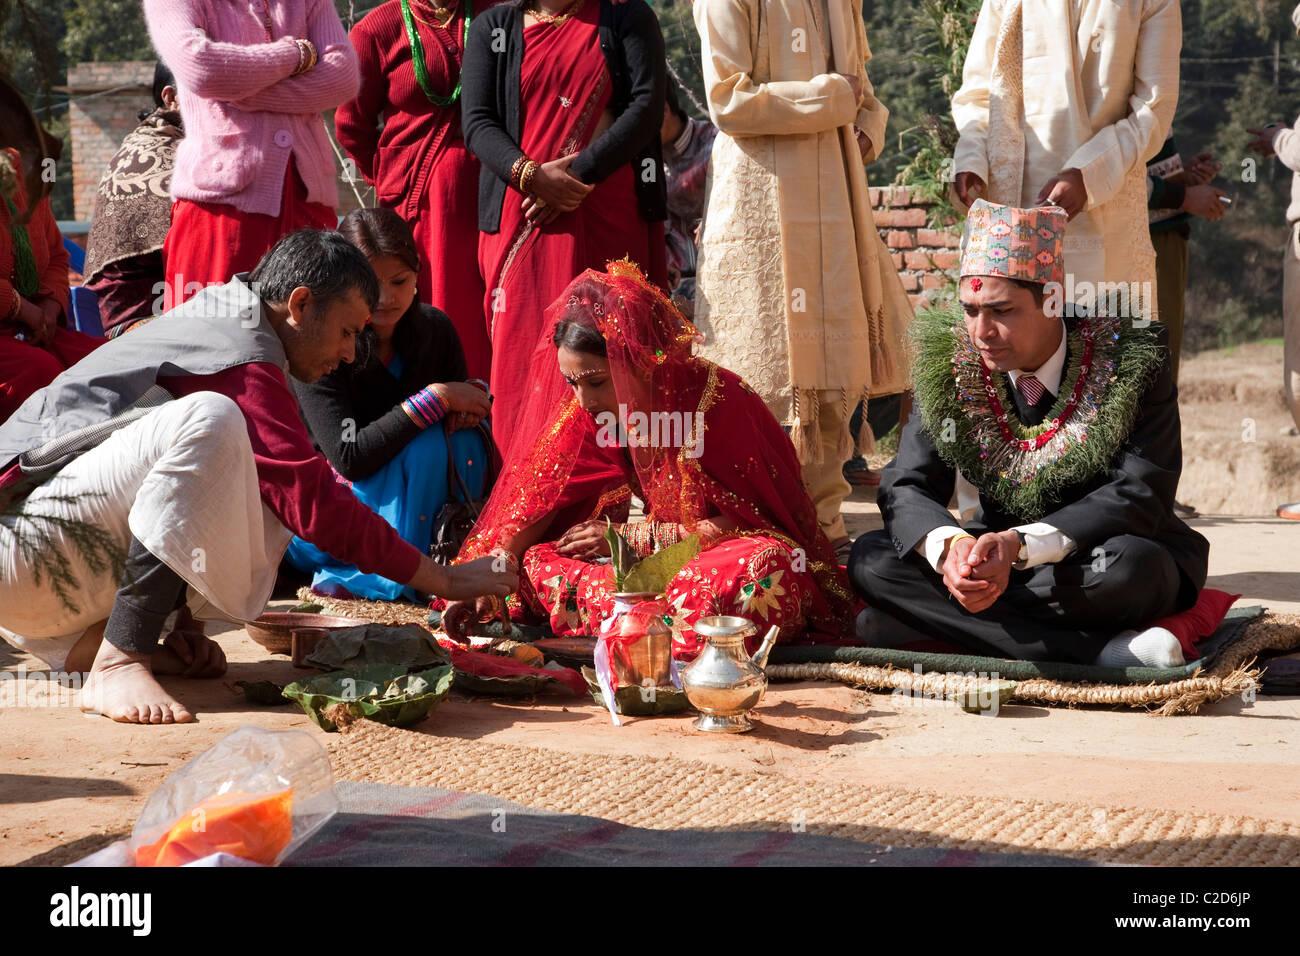 Matrimonio In Nepal : Lo sposo e la sposa durante un matrimonio induista. kathmandu nepal